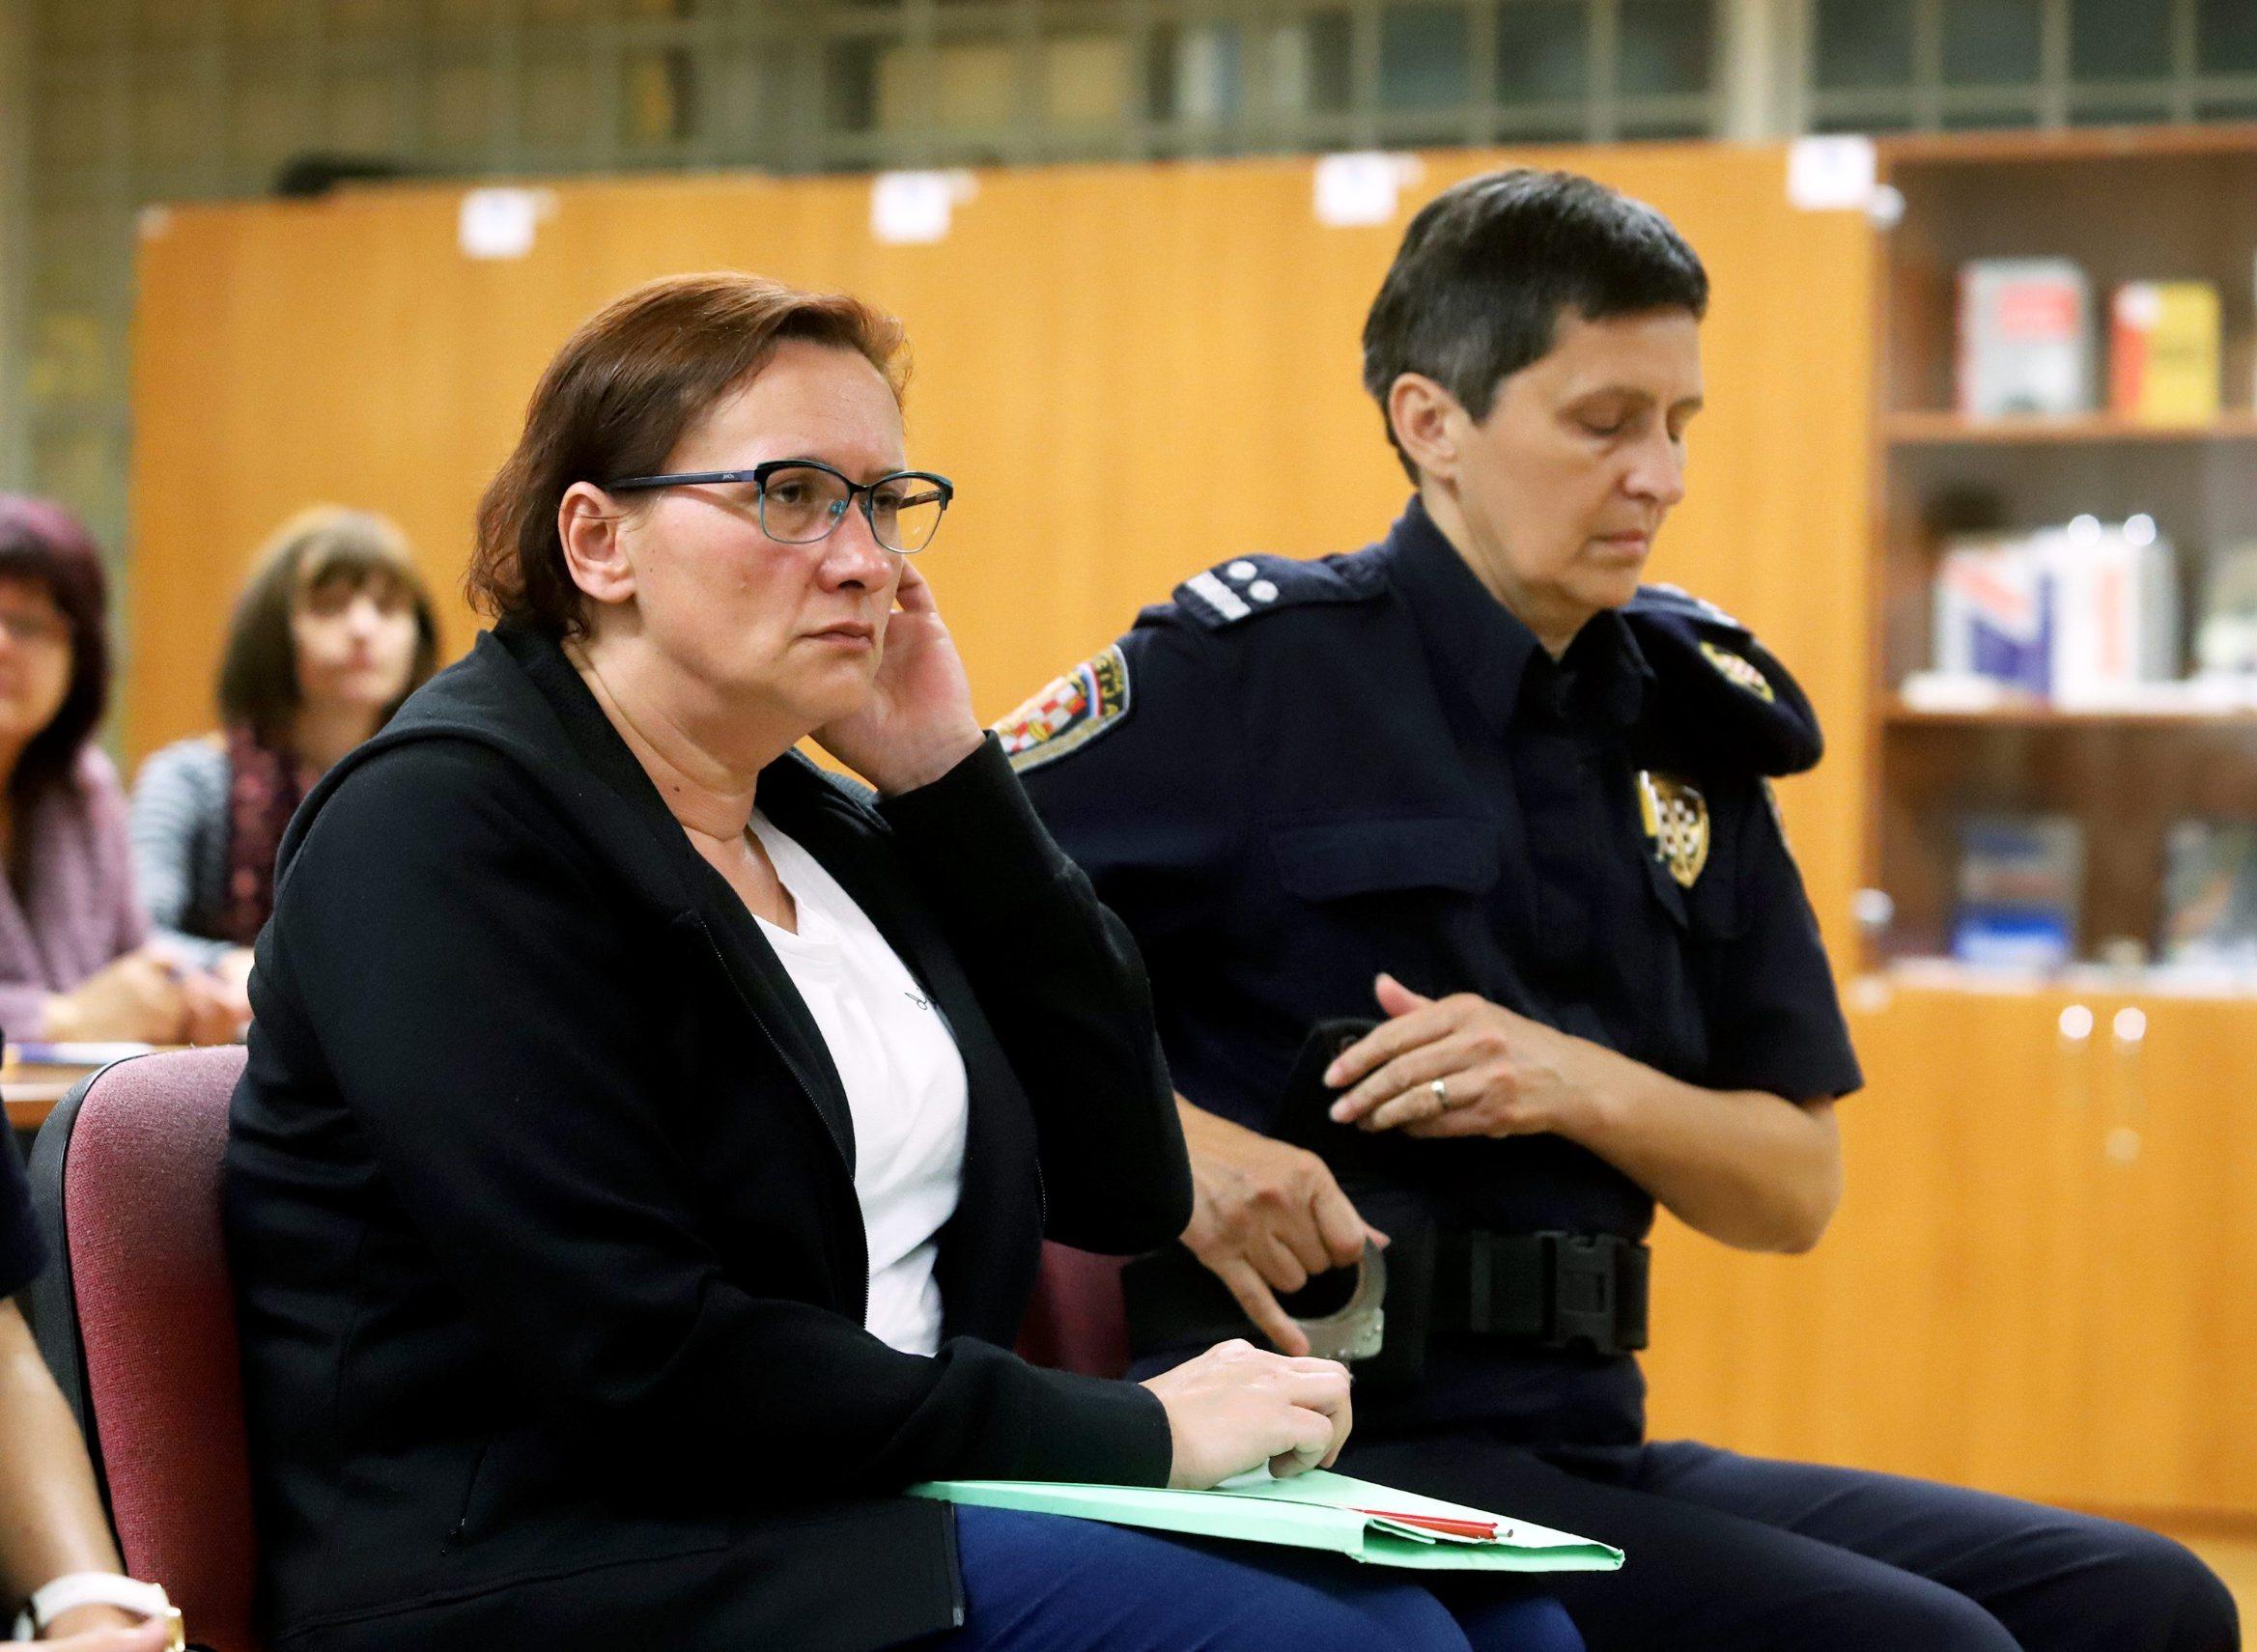 Varazdin, 211019. Na Zupanijskom sudu  nastavljene je sudjenje Smiljani Srnec za ubojstvo sestre. Na fotografiji: Smiljana Srnec na sudu. Foto: Zeljko Hajdinjak / CROPIX